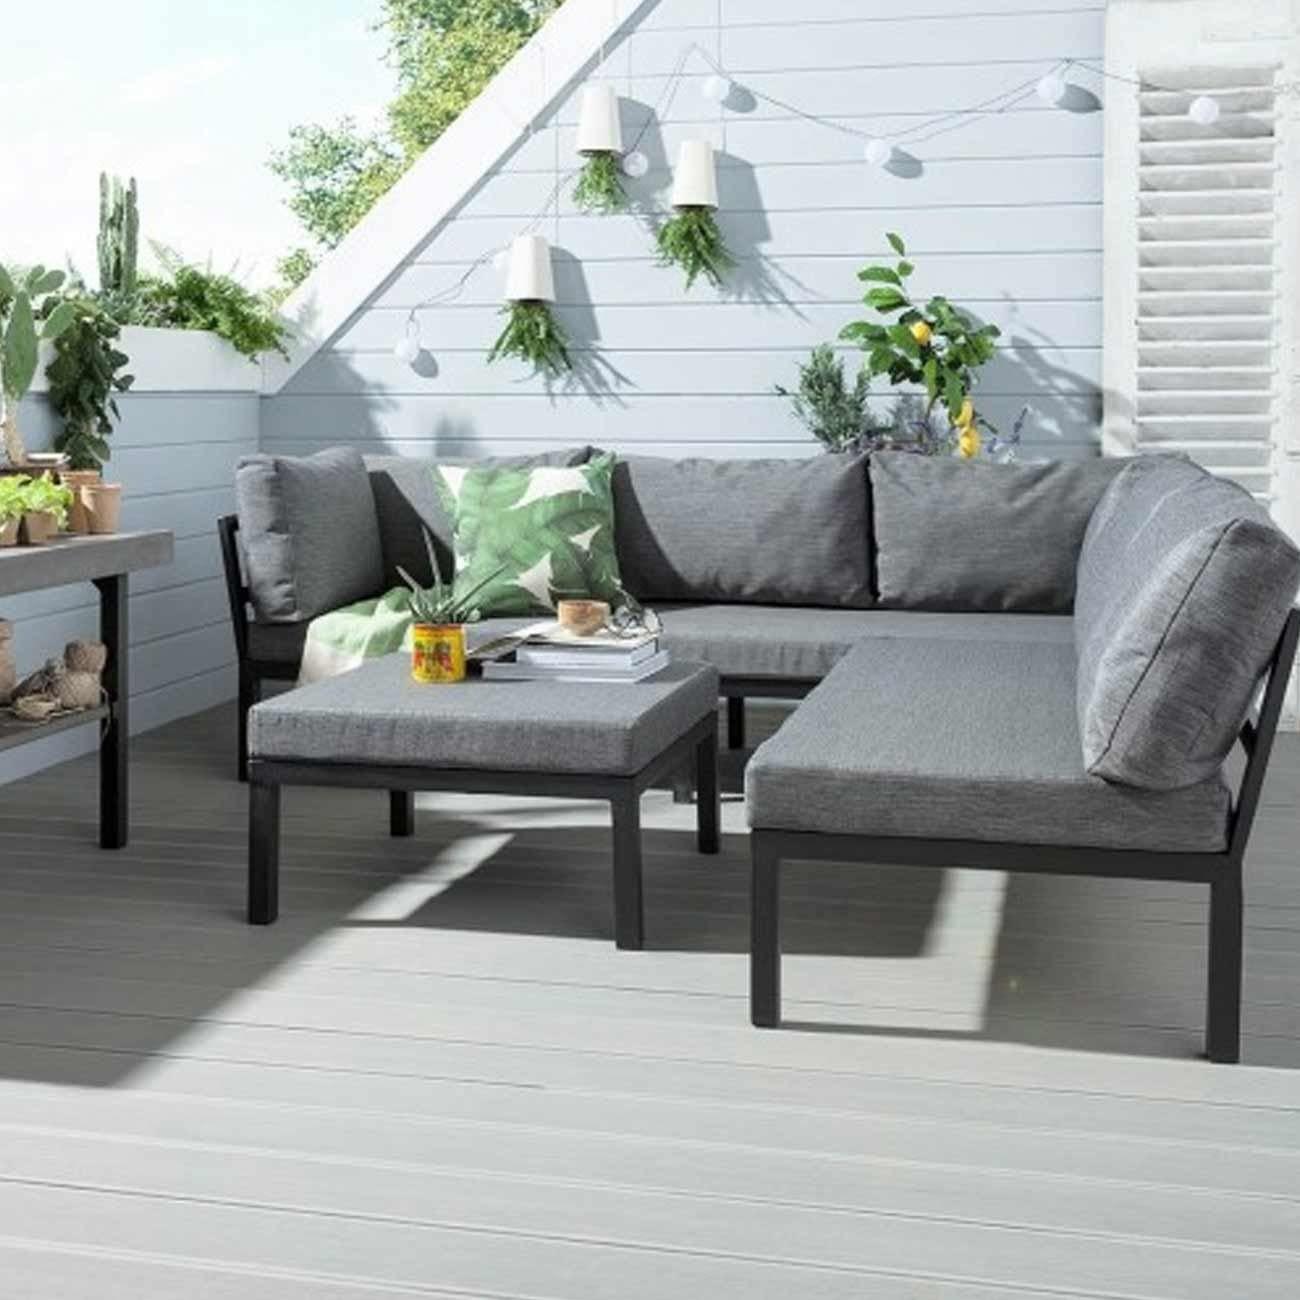 Full Size of Outliv Odense Amazonde Lounge Set Austin Loungembel Alu Textil 3 Tlg Wohnzimmer Outliv Odense